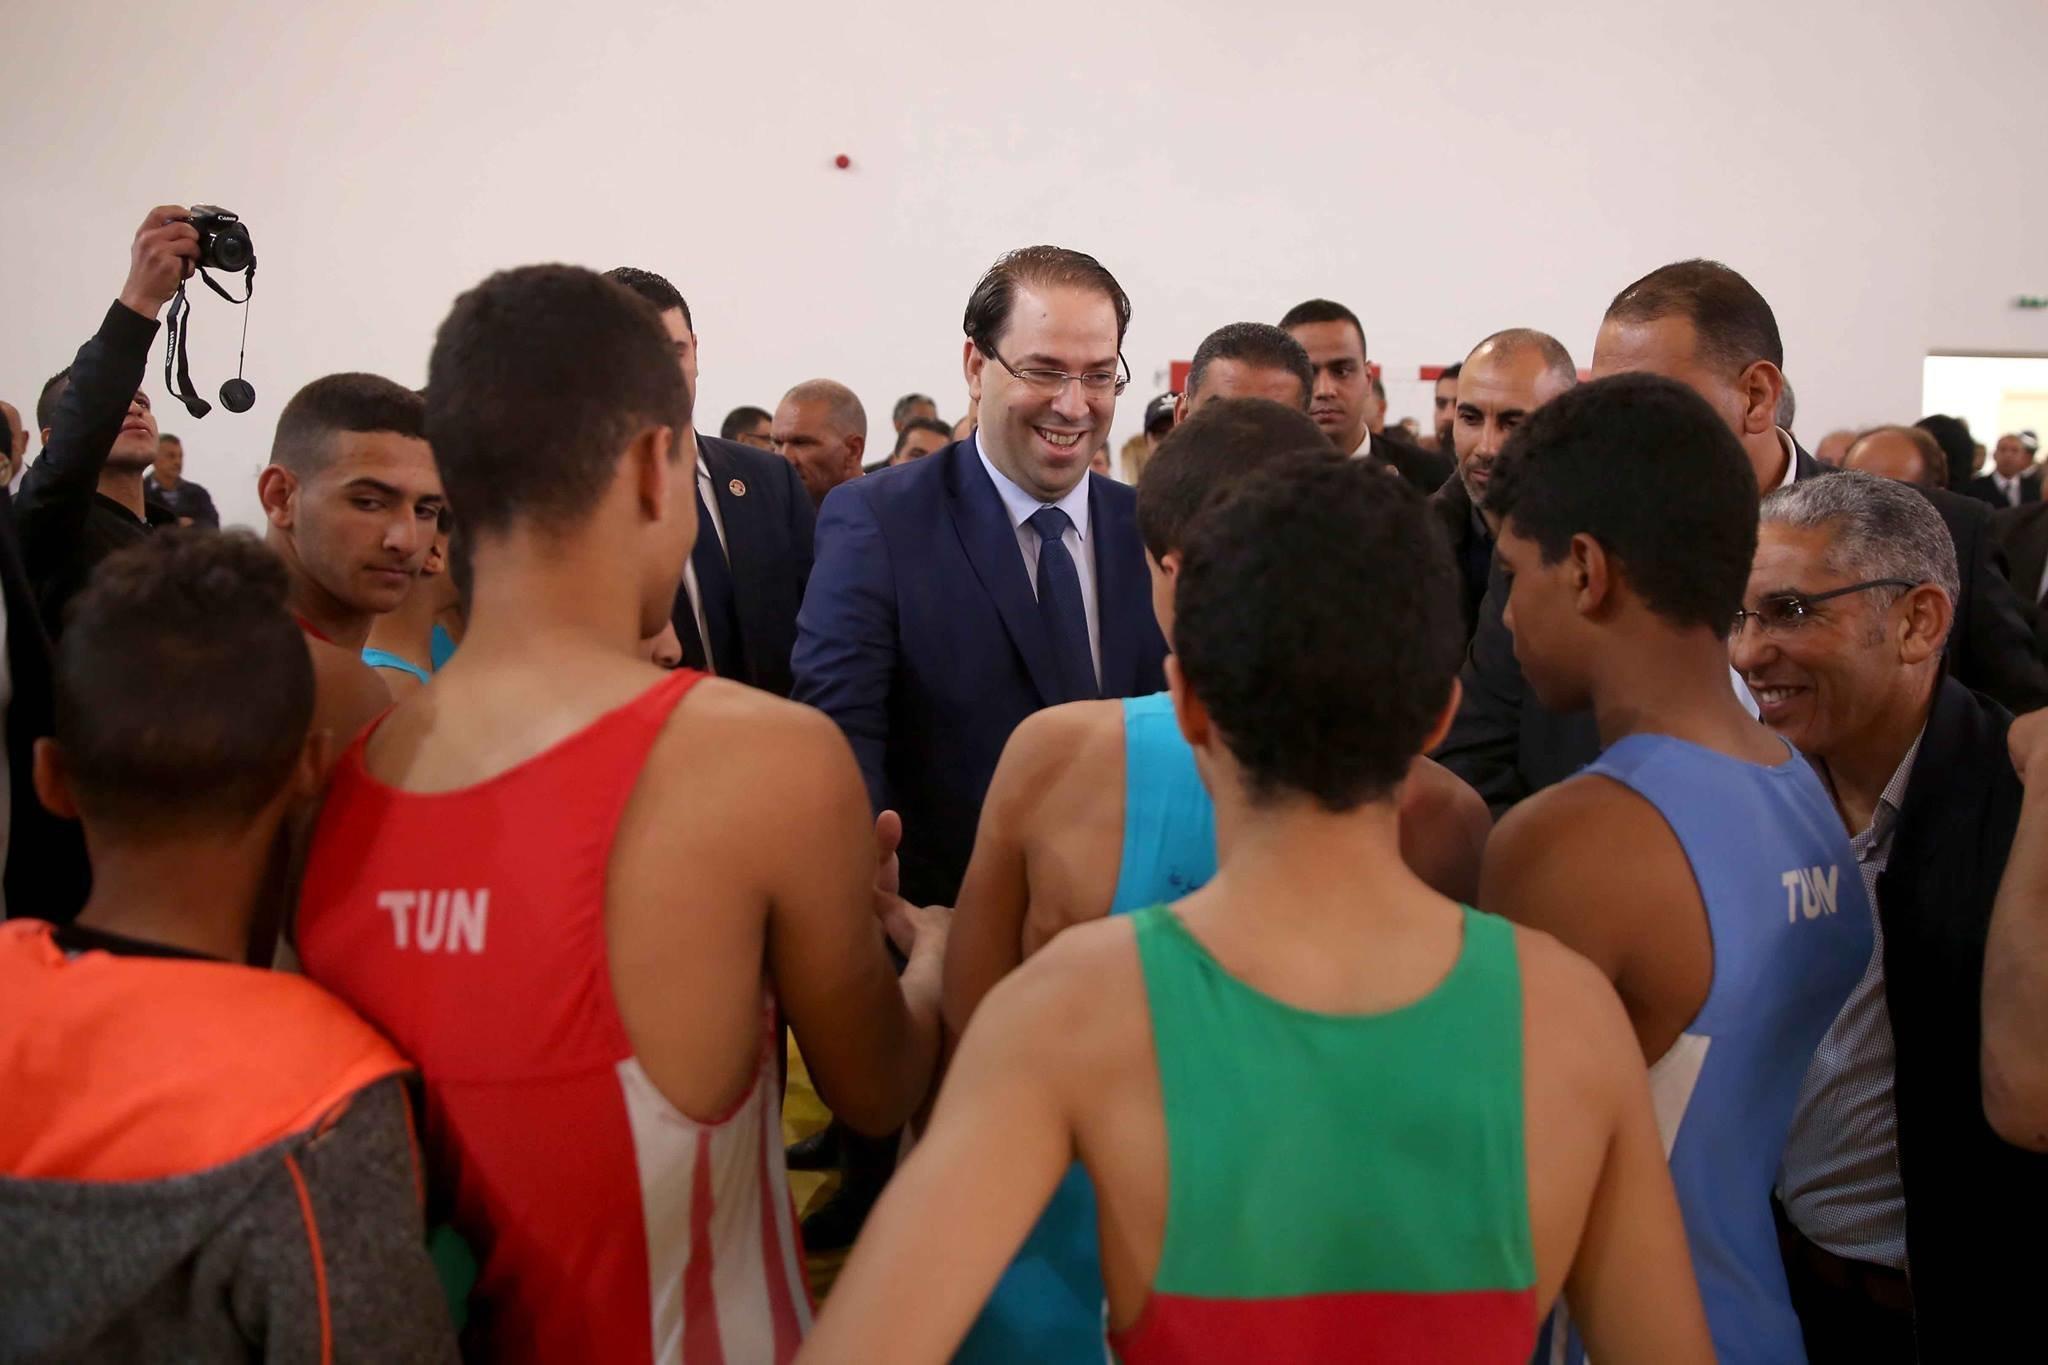 Le chef du gouvernement Youssef Chahed annonce l'aménagement d'une centaine de terrains sportifs dans les